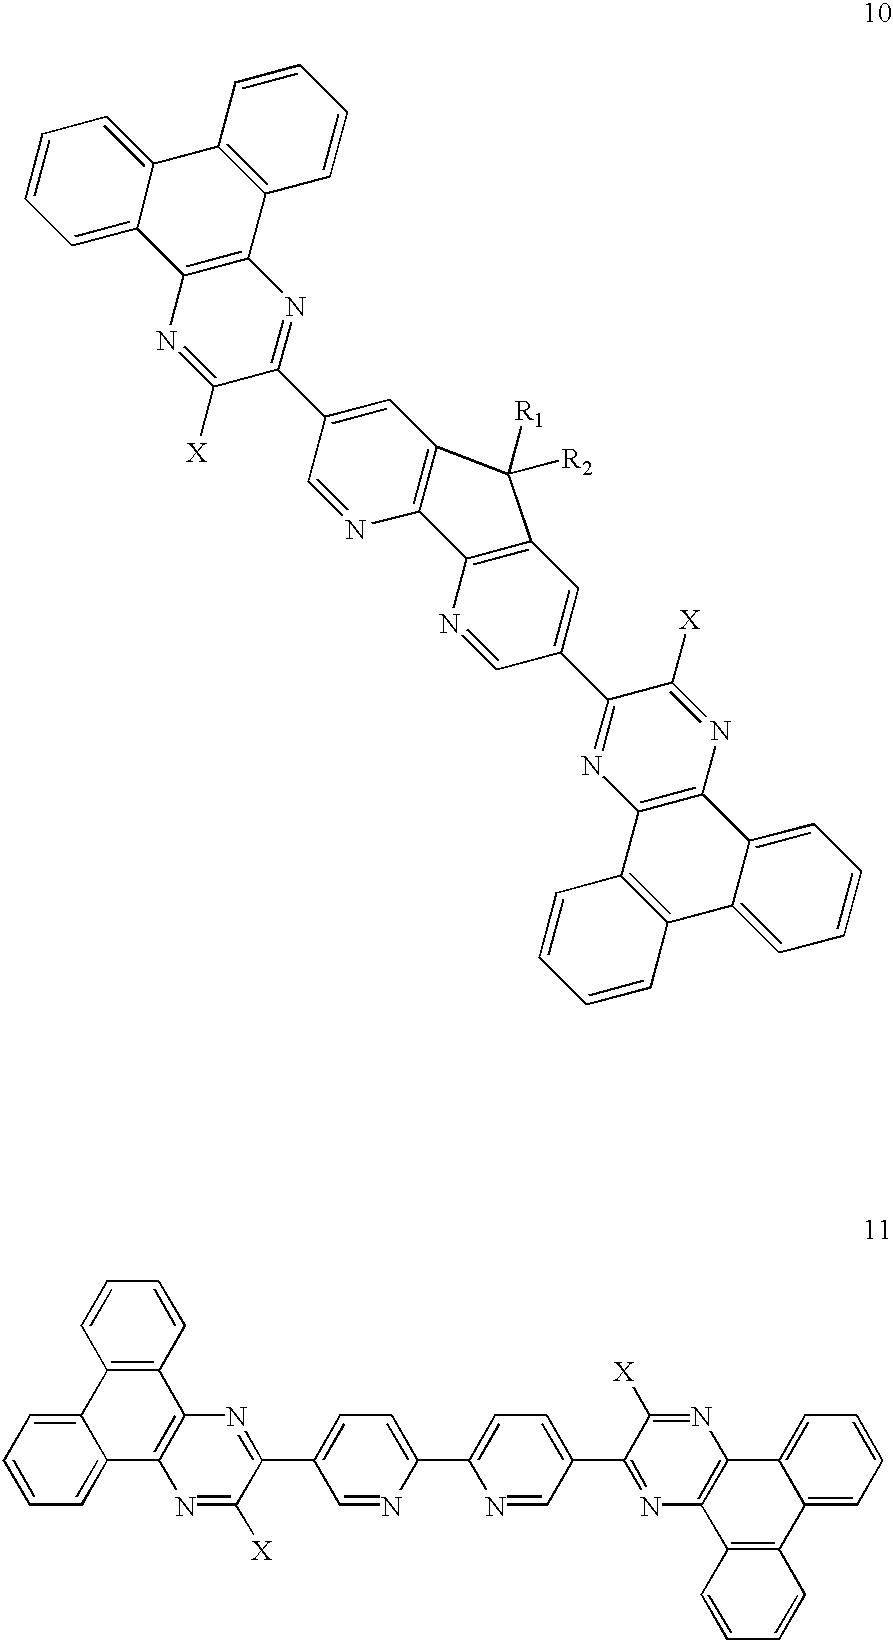 Figure US06723445-20040420-C00013